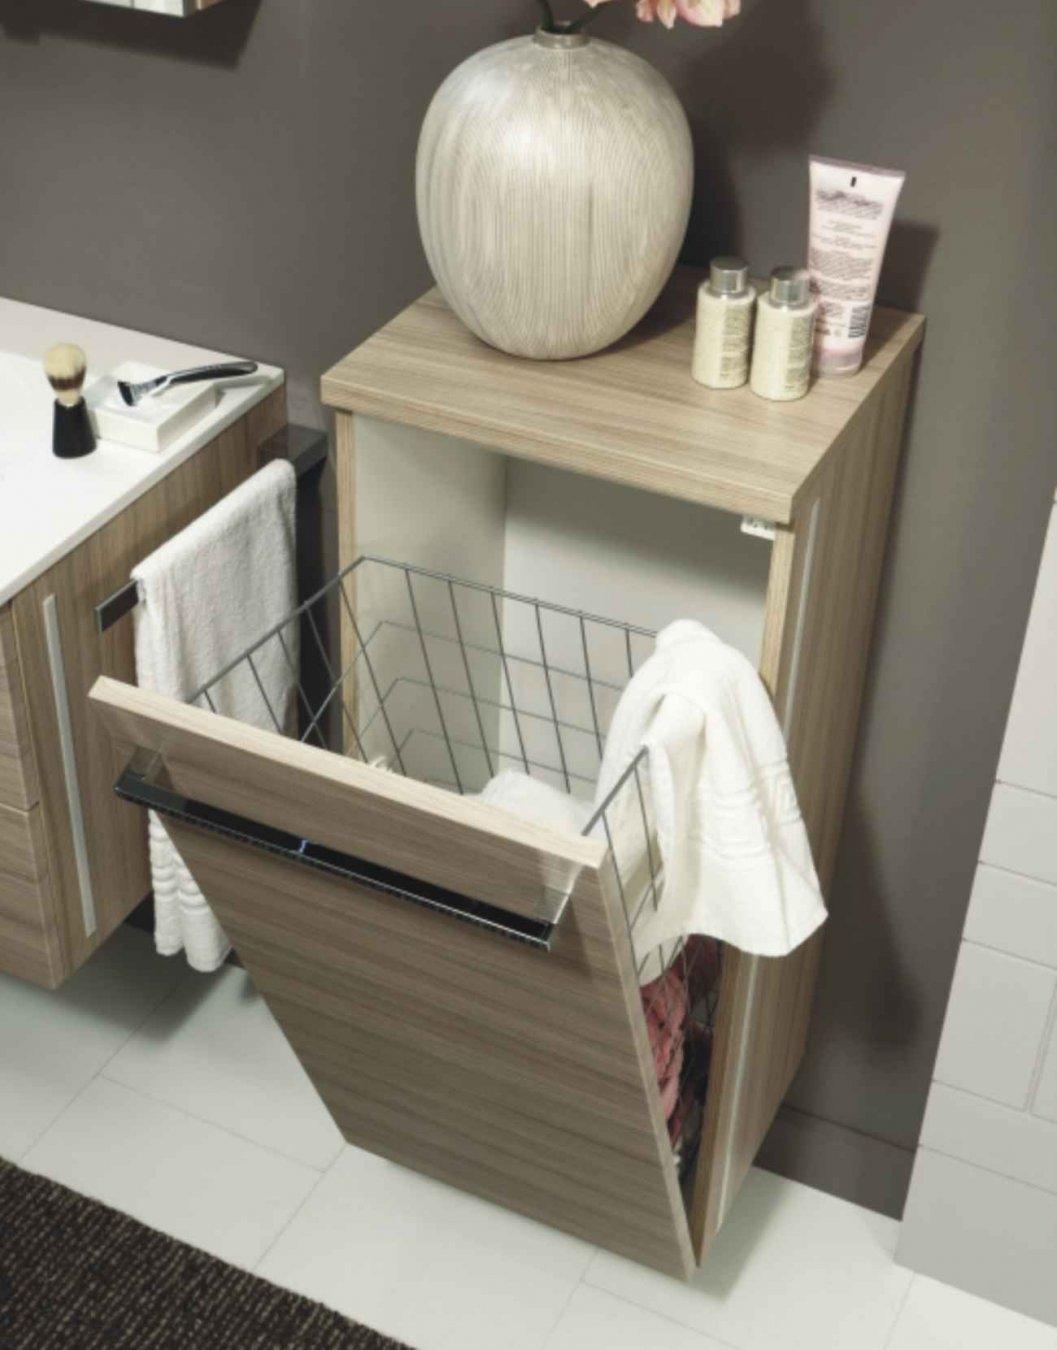 Badmöbel mit wäschekippe  Marlin Bad 3130 - Azure Highboard + Wäschekippe | - Arcom Center